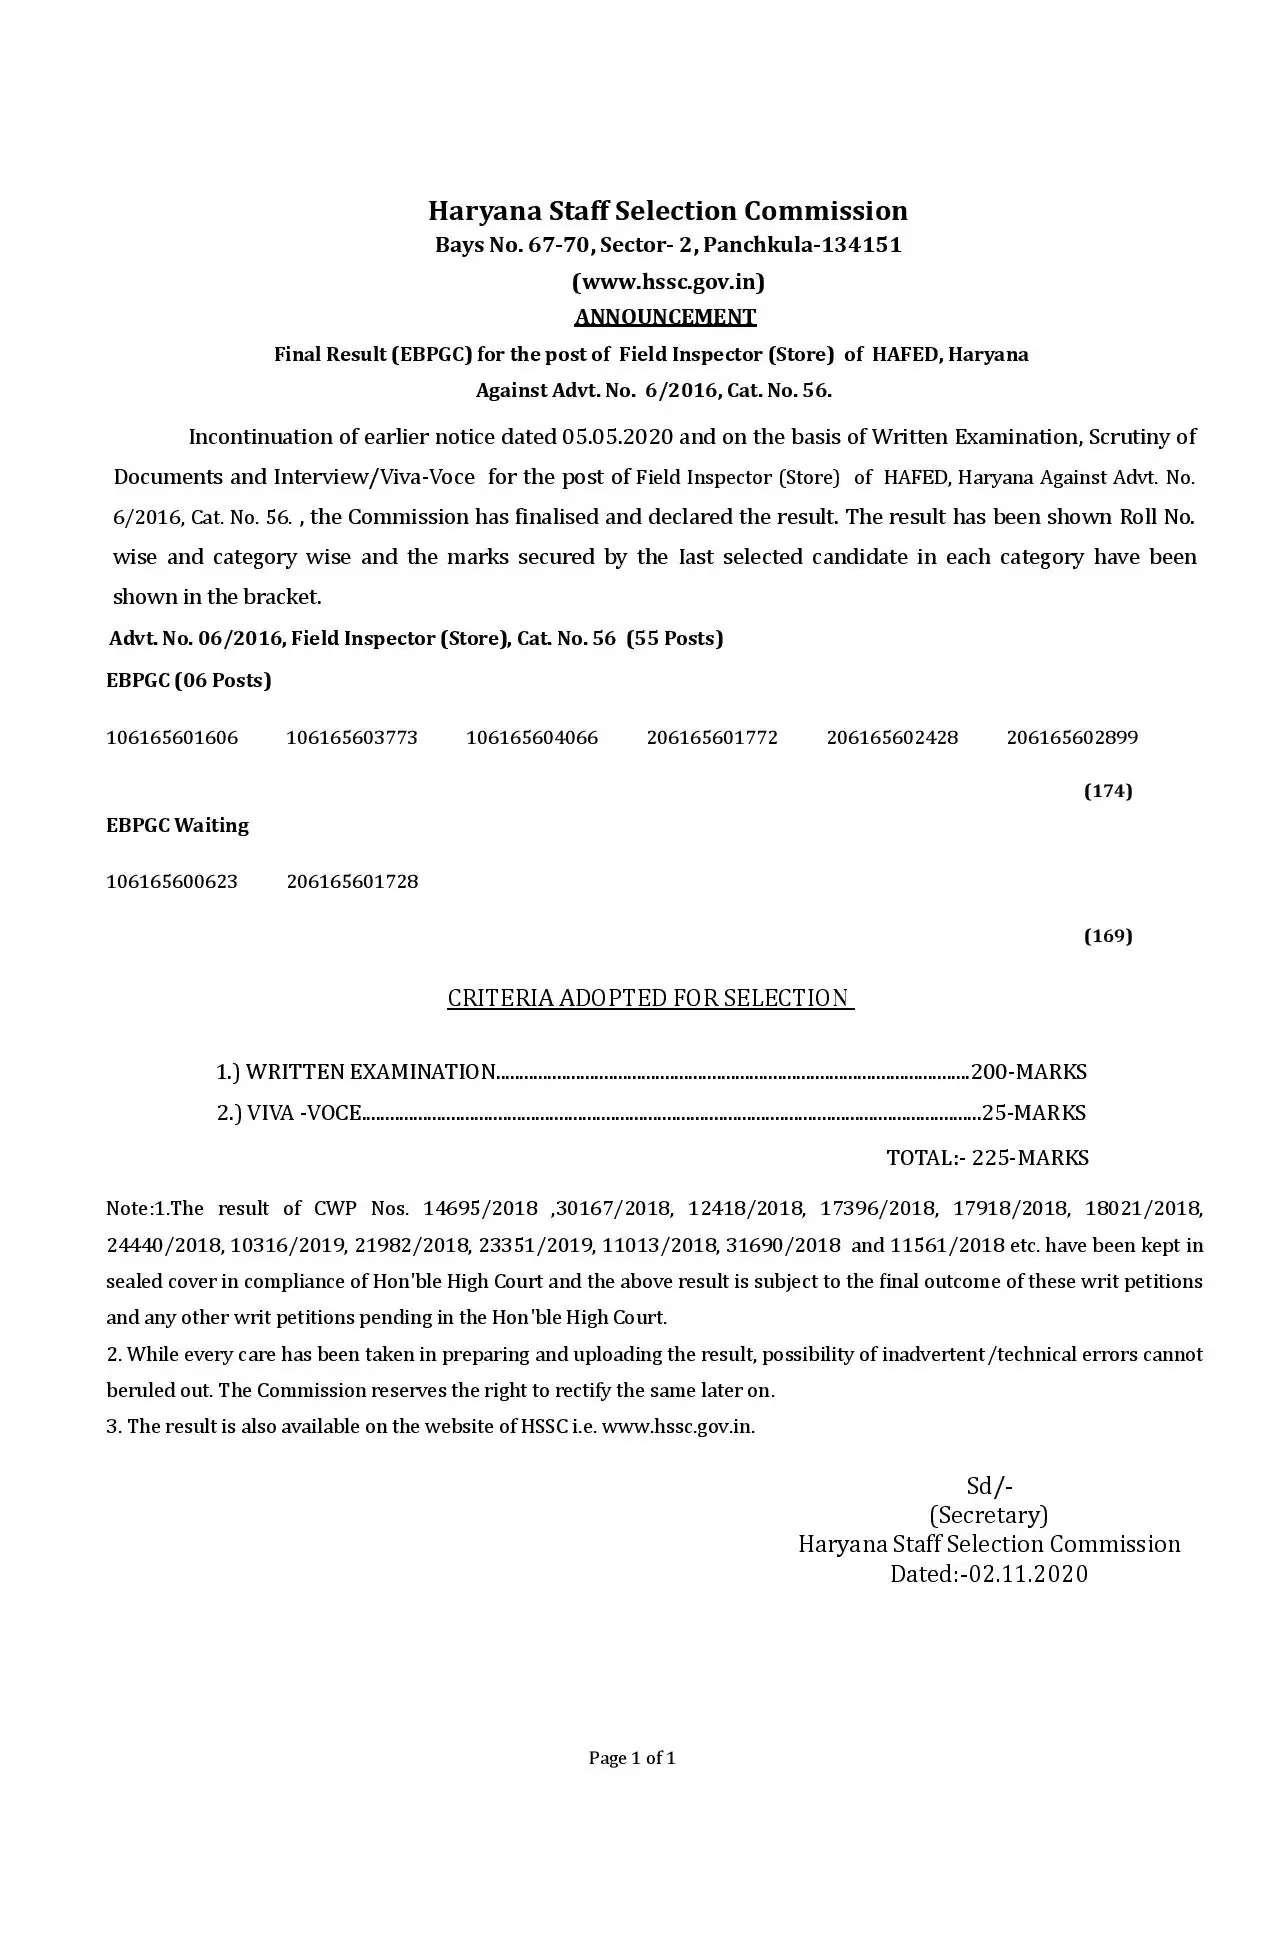 HSSC ने JE समेत चार भर्तियों का Final Result किया जारी, यहां देखें